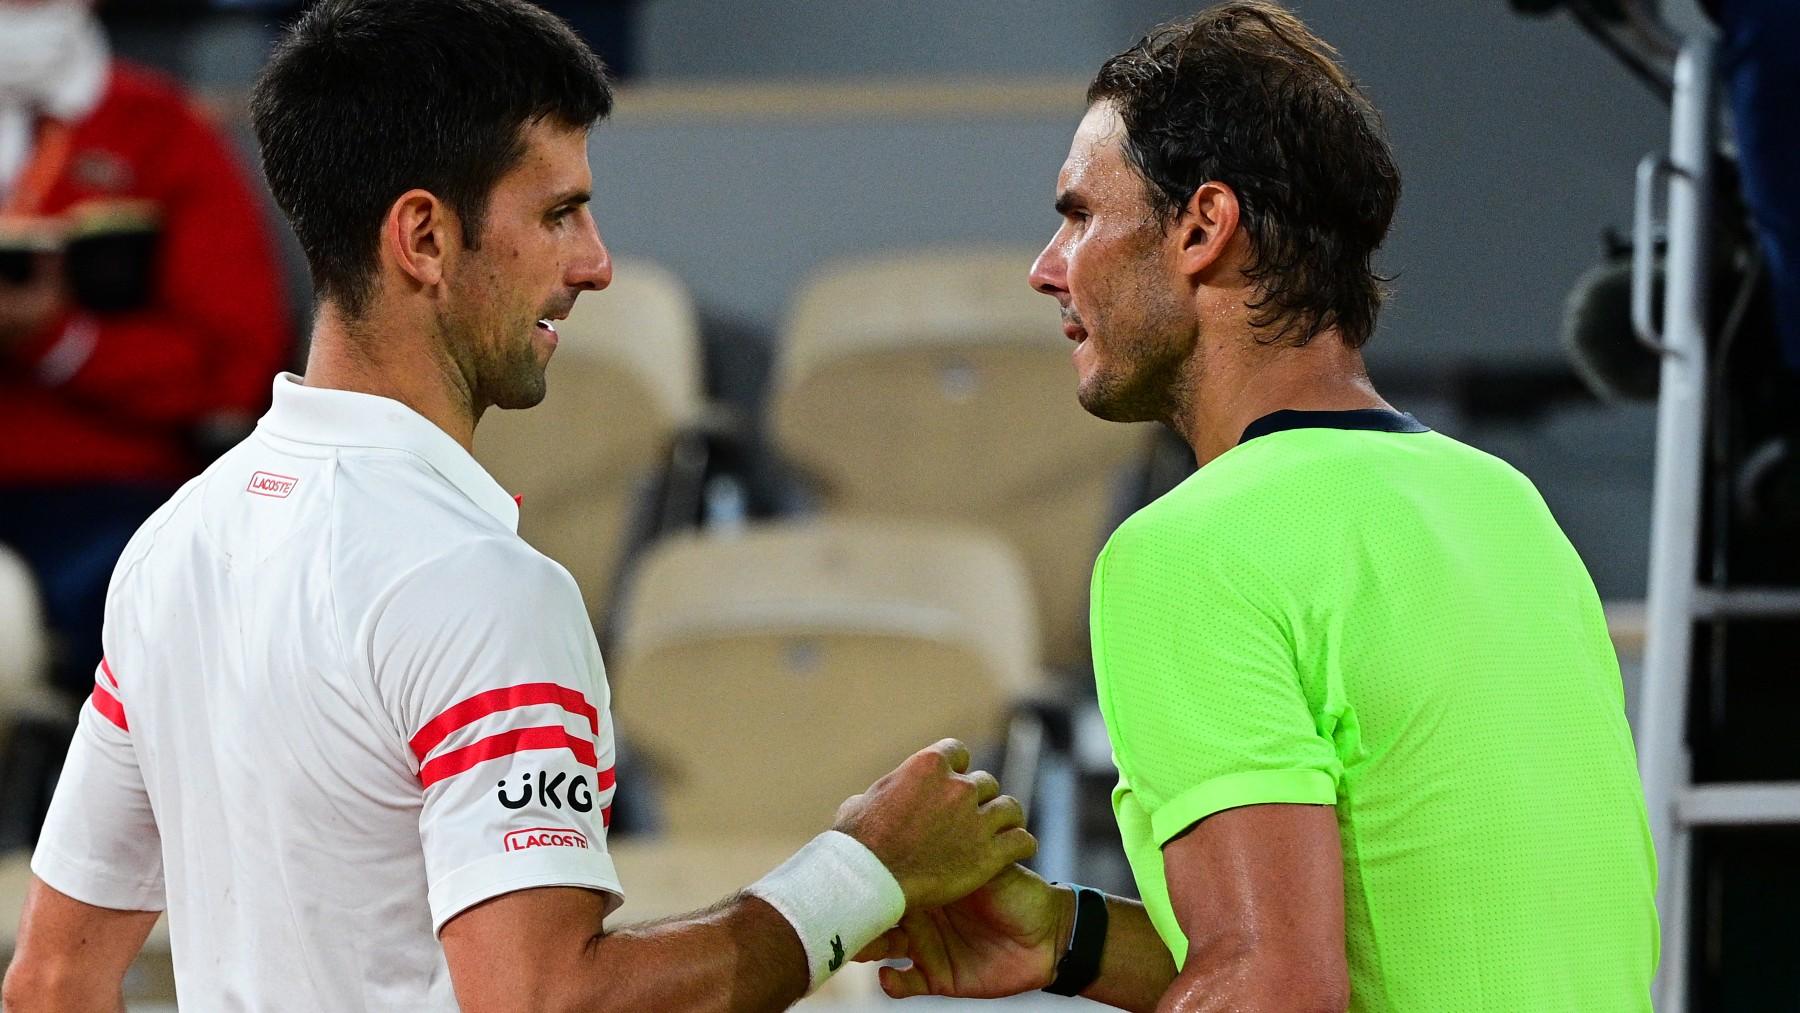 Rafa Nadal y Novak Djokovic se saludan tras su partido en Roland Garros 2021. (AFP)